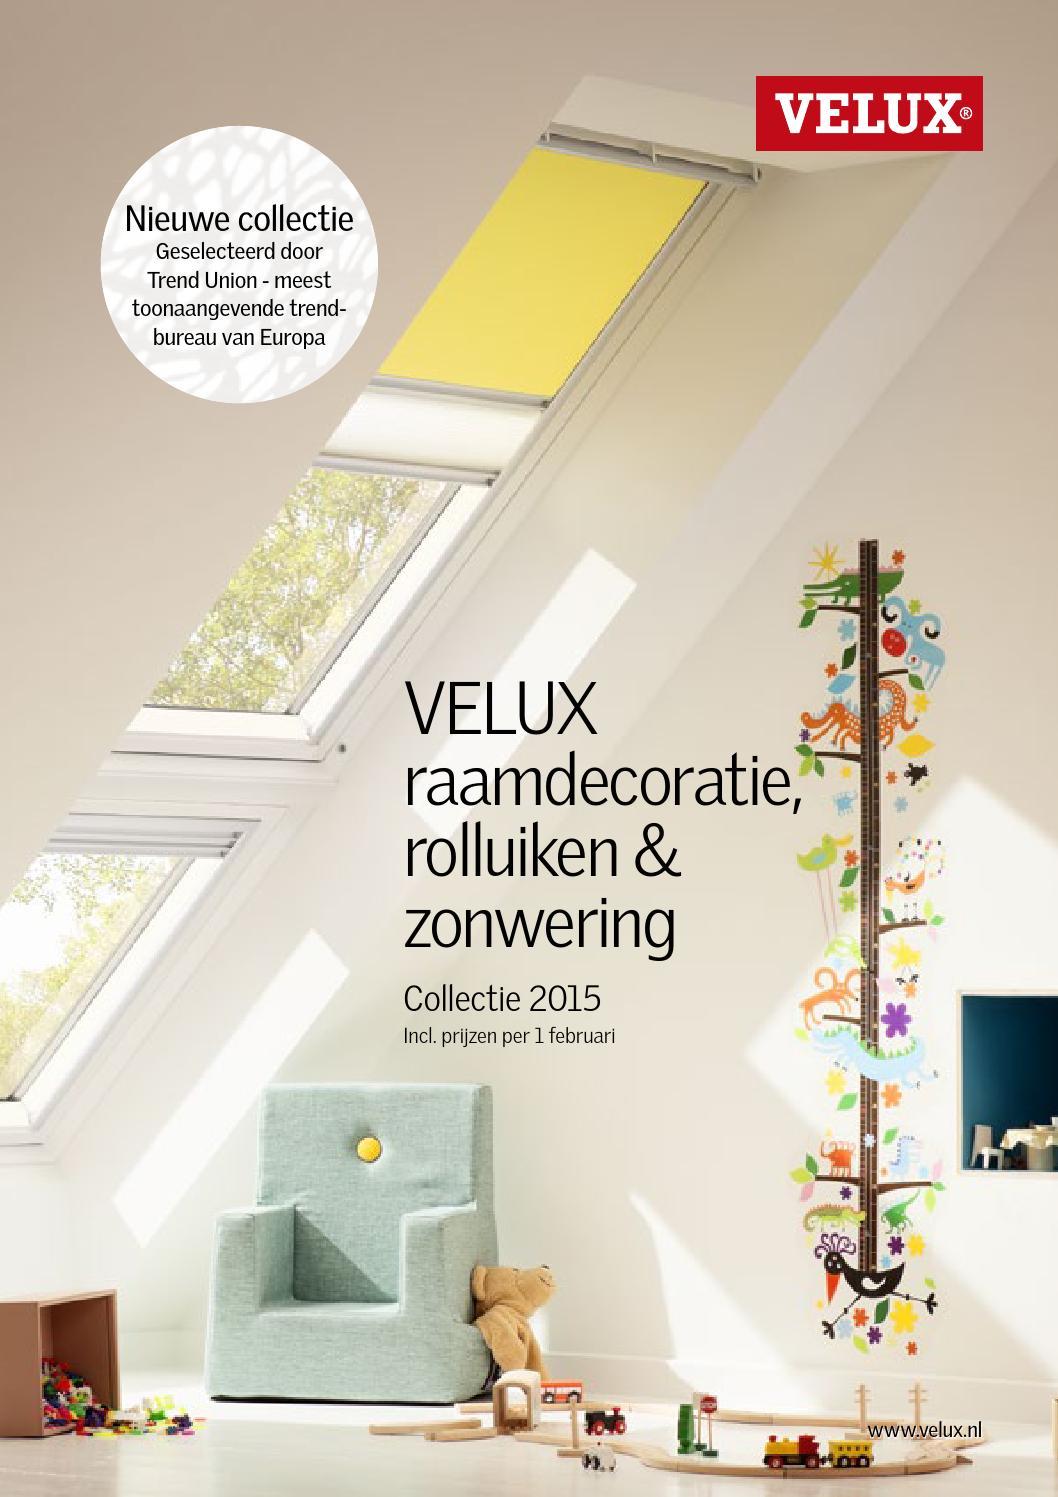 velux raamdecoratie brochure 2015 by velux nederland b v. Black Bedroom Furniture Sets. Home Design Ideas